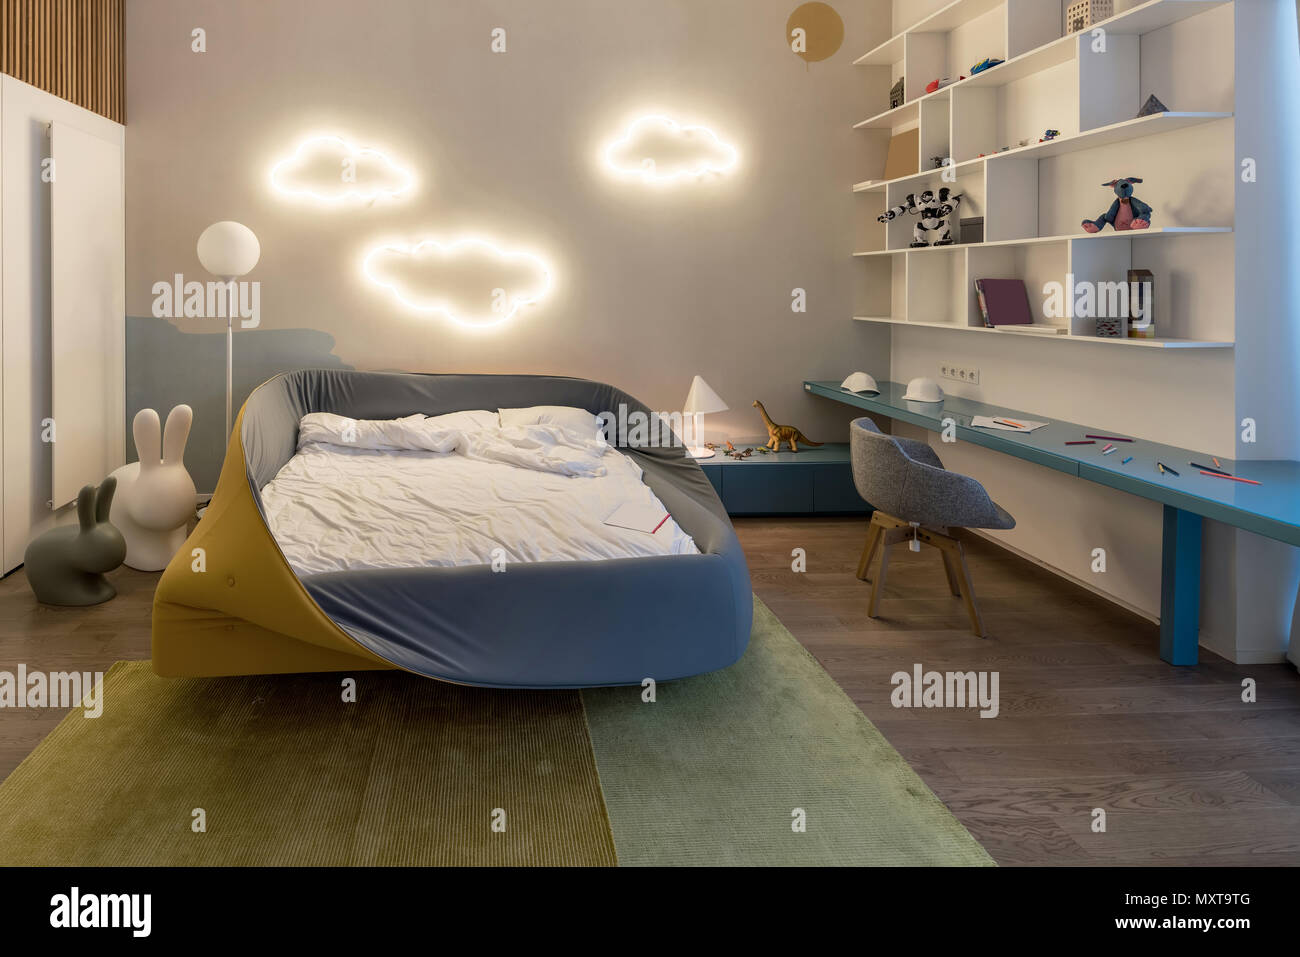 Das Moderne Kinderzimmer Mit Leuchtenden Fancy Cloud Leuchten Auf